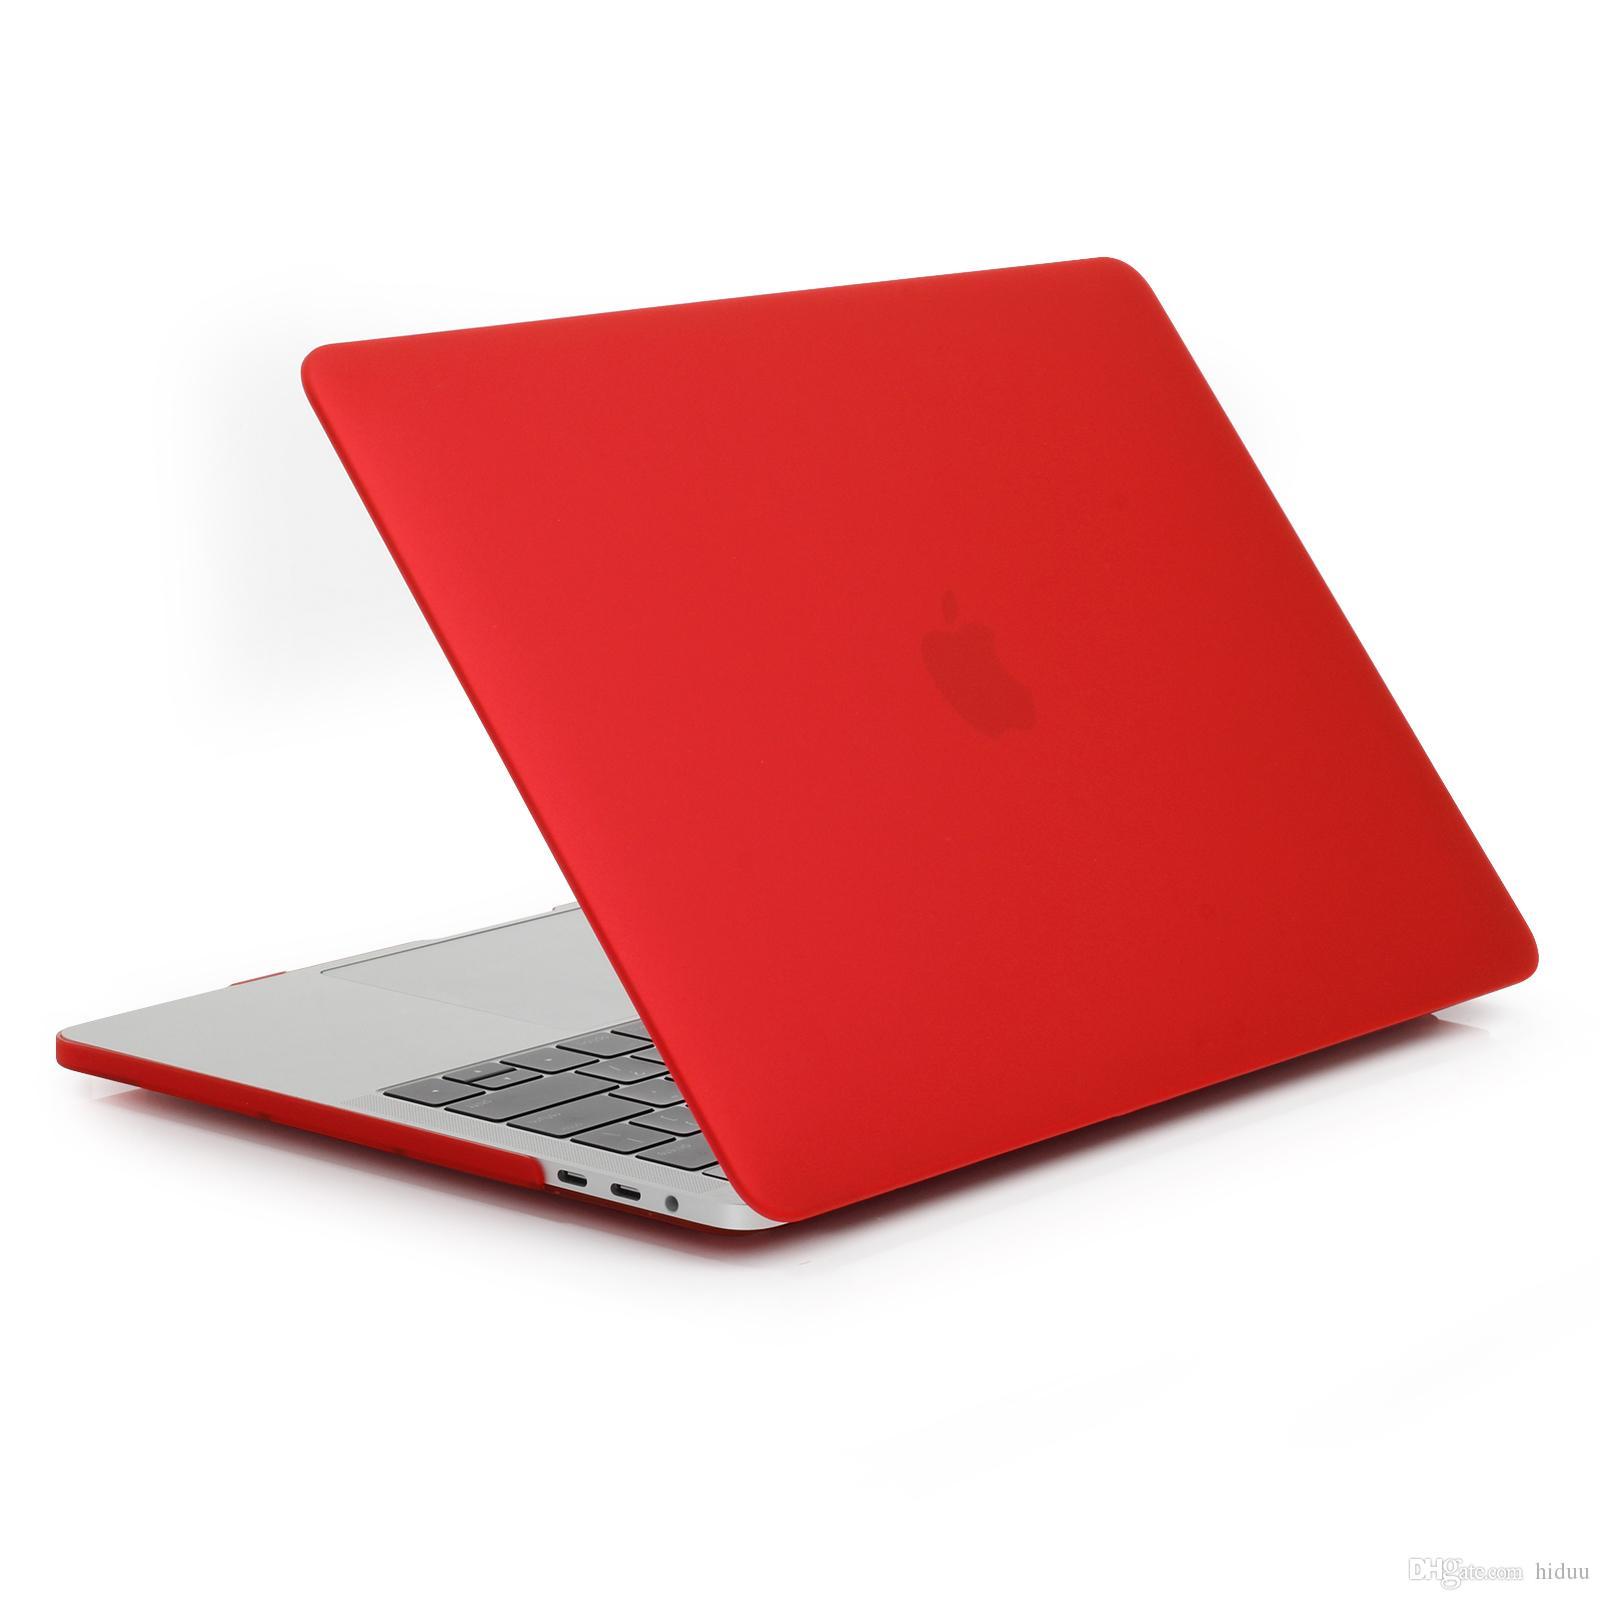 MacBook Pro 15 inç için Mat Kauçuk Kaplı Yumuşak Dokunmatik Plastik Hard Case (YENİ Sürüm - Sürüm Ekim 2016) Klavye kapağı ile A1707